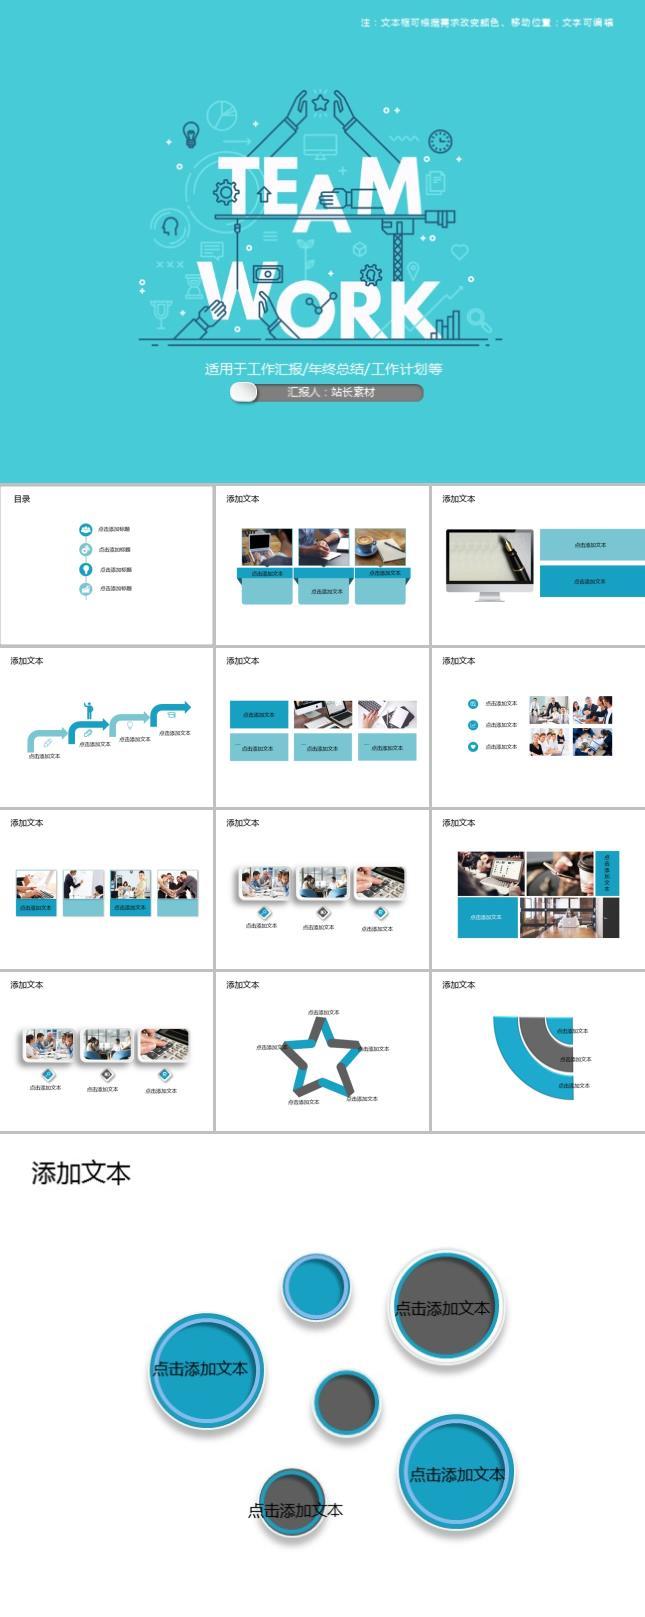 商务风团队管理方案PPT模板